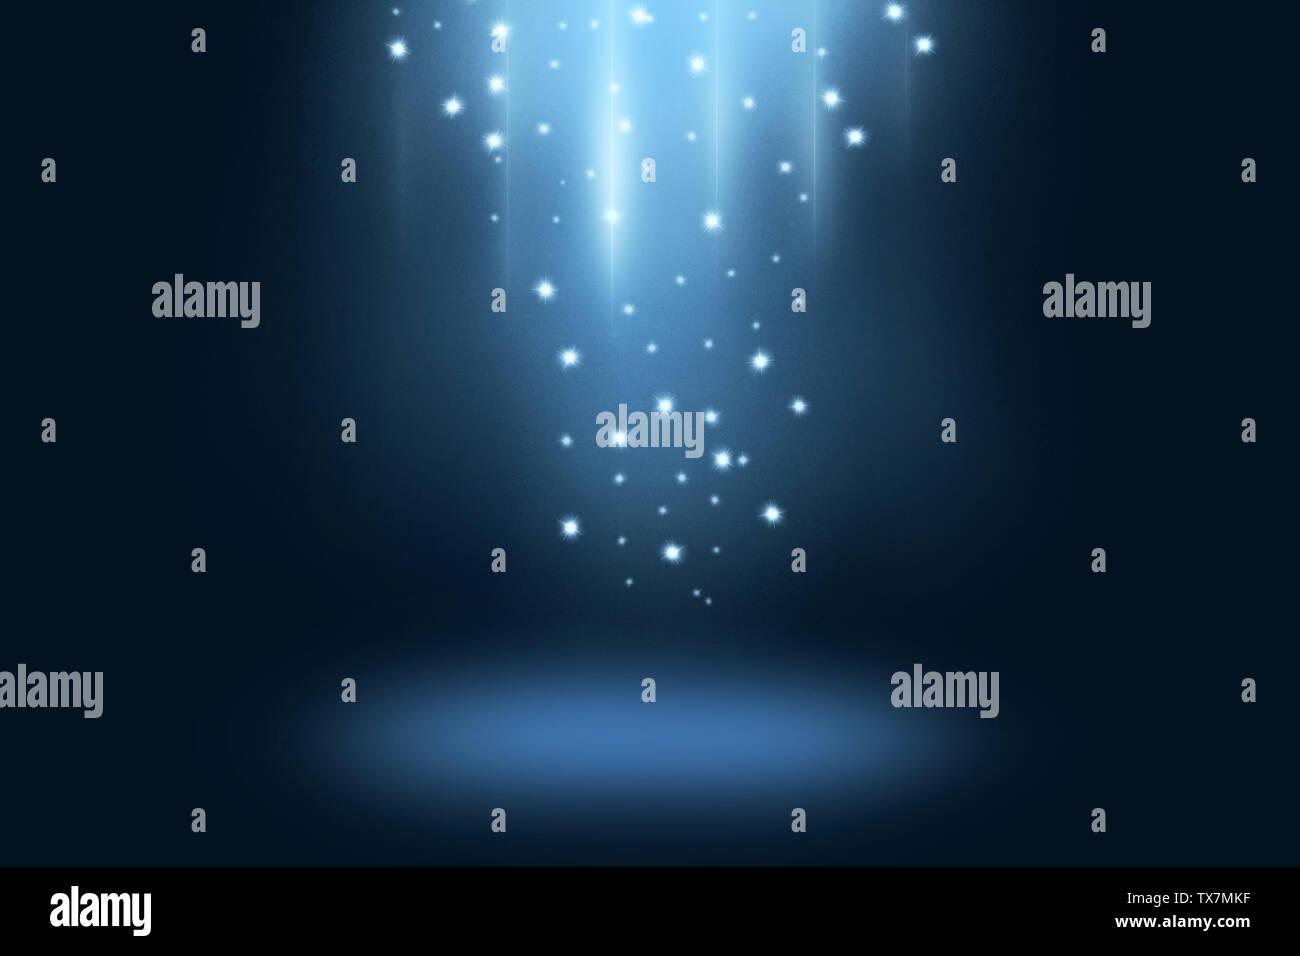 Blau dunkle Bühne und Hintergrund anzeigen mit hellen Sterne und Spotlight Stockfoto